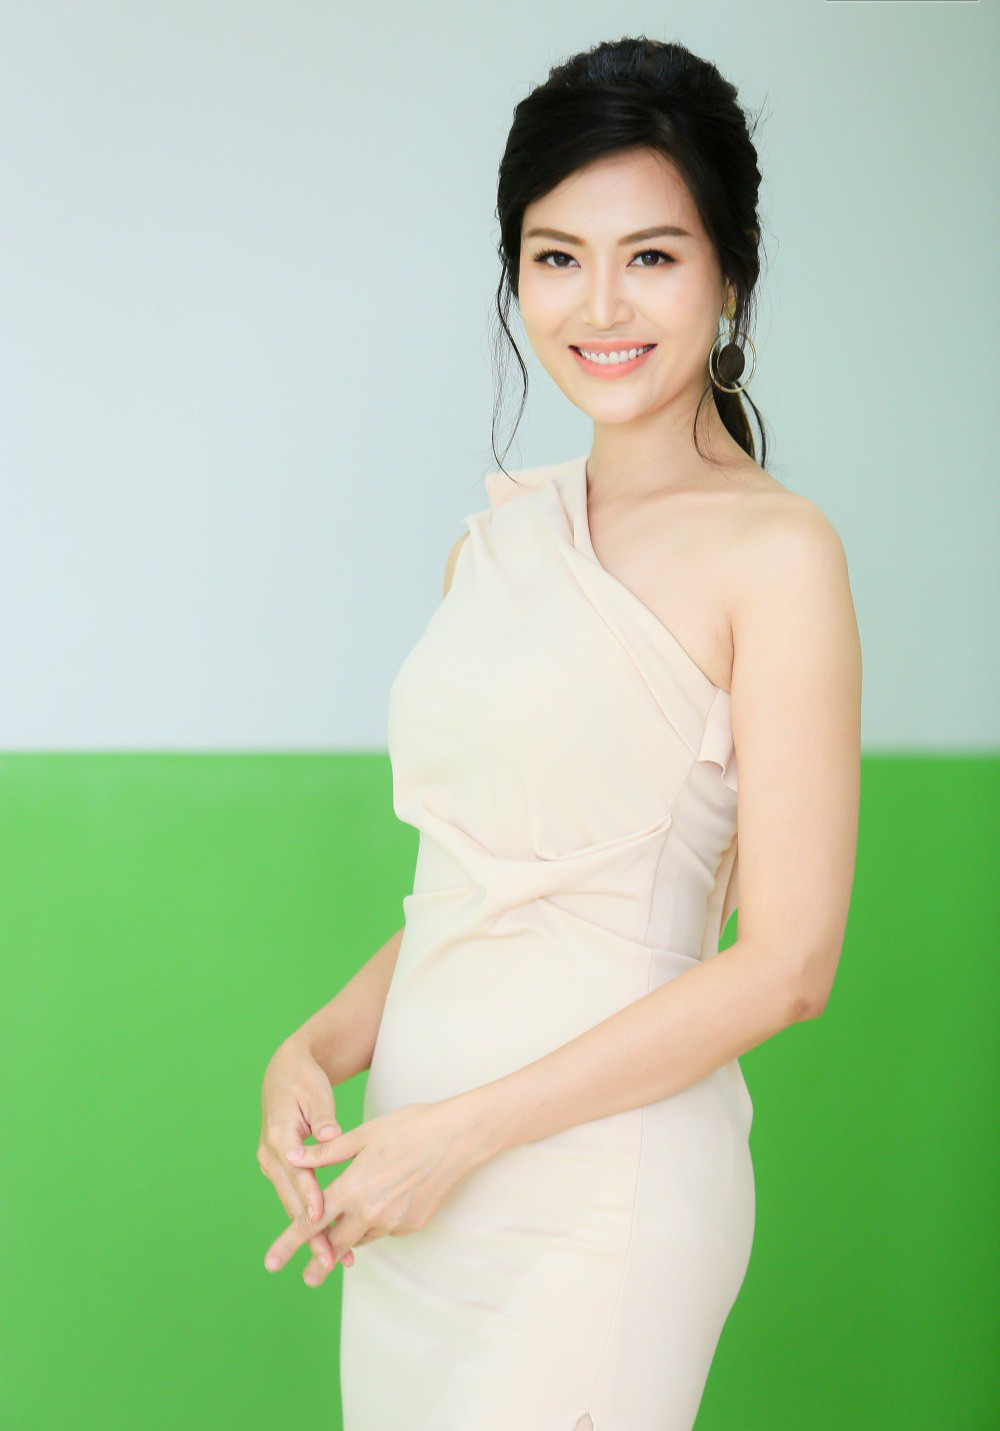 Hoa hậu VN Nguyễn Thu Thủy qua đời do đột quỵ khiến showbiz Việt bàng hoàng - 3